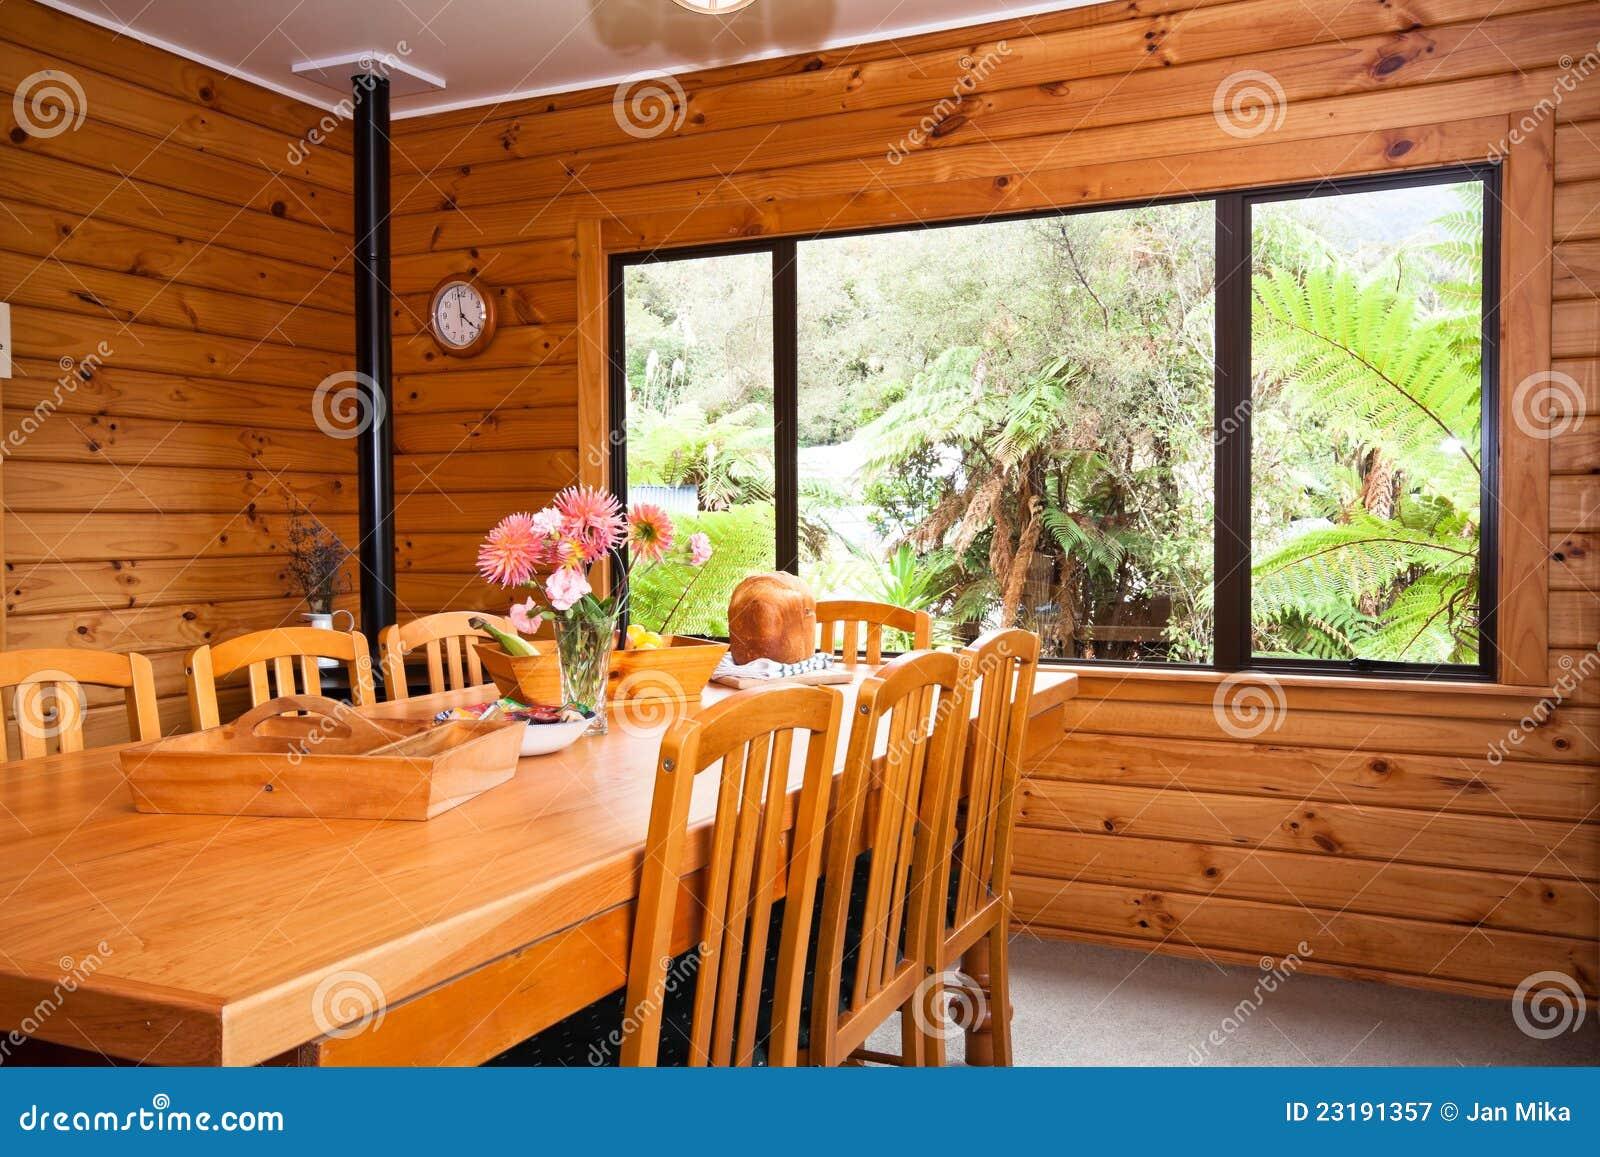 Detalle interior del comedor de madera de la casa de campo - Detalles para la casa ...